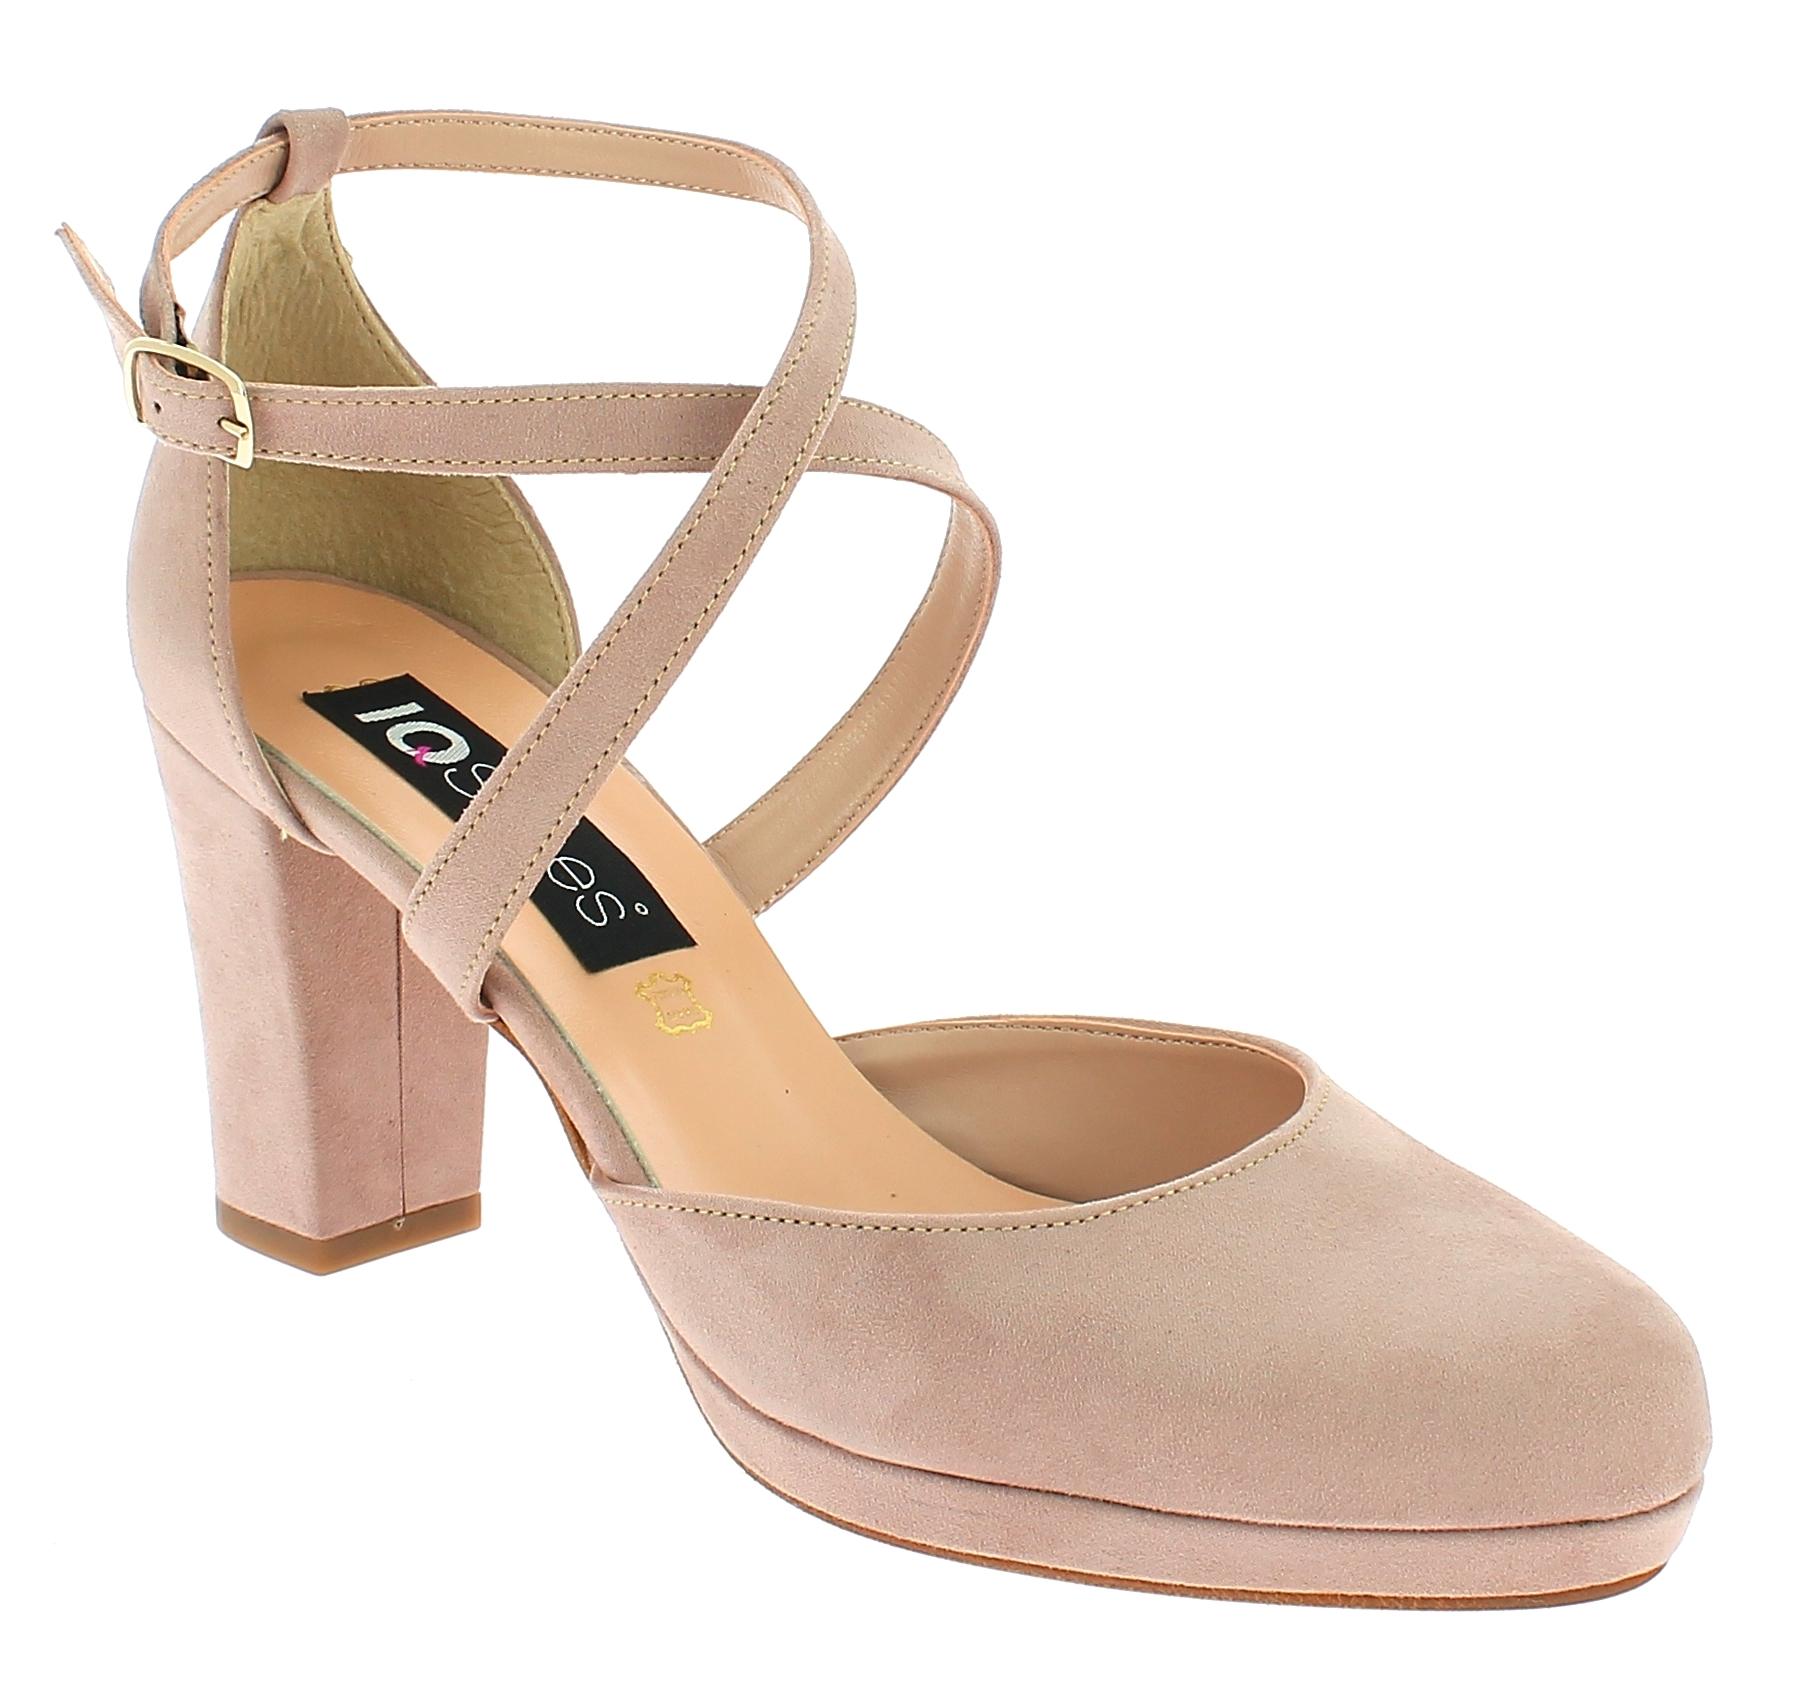 IQSHOES Γυναικείο Πέδιλο 310 Μπεζ - IqShoes - 41.310 BEIGE-IQSHOES-beige-37/1/7/ παπούτσια  γυναικεία σανδάλια   πέδιλα